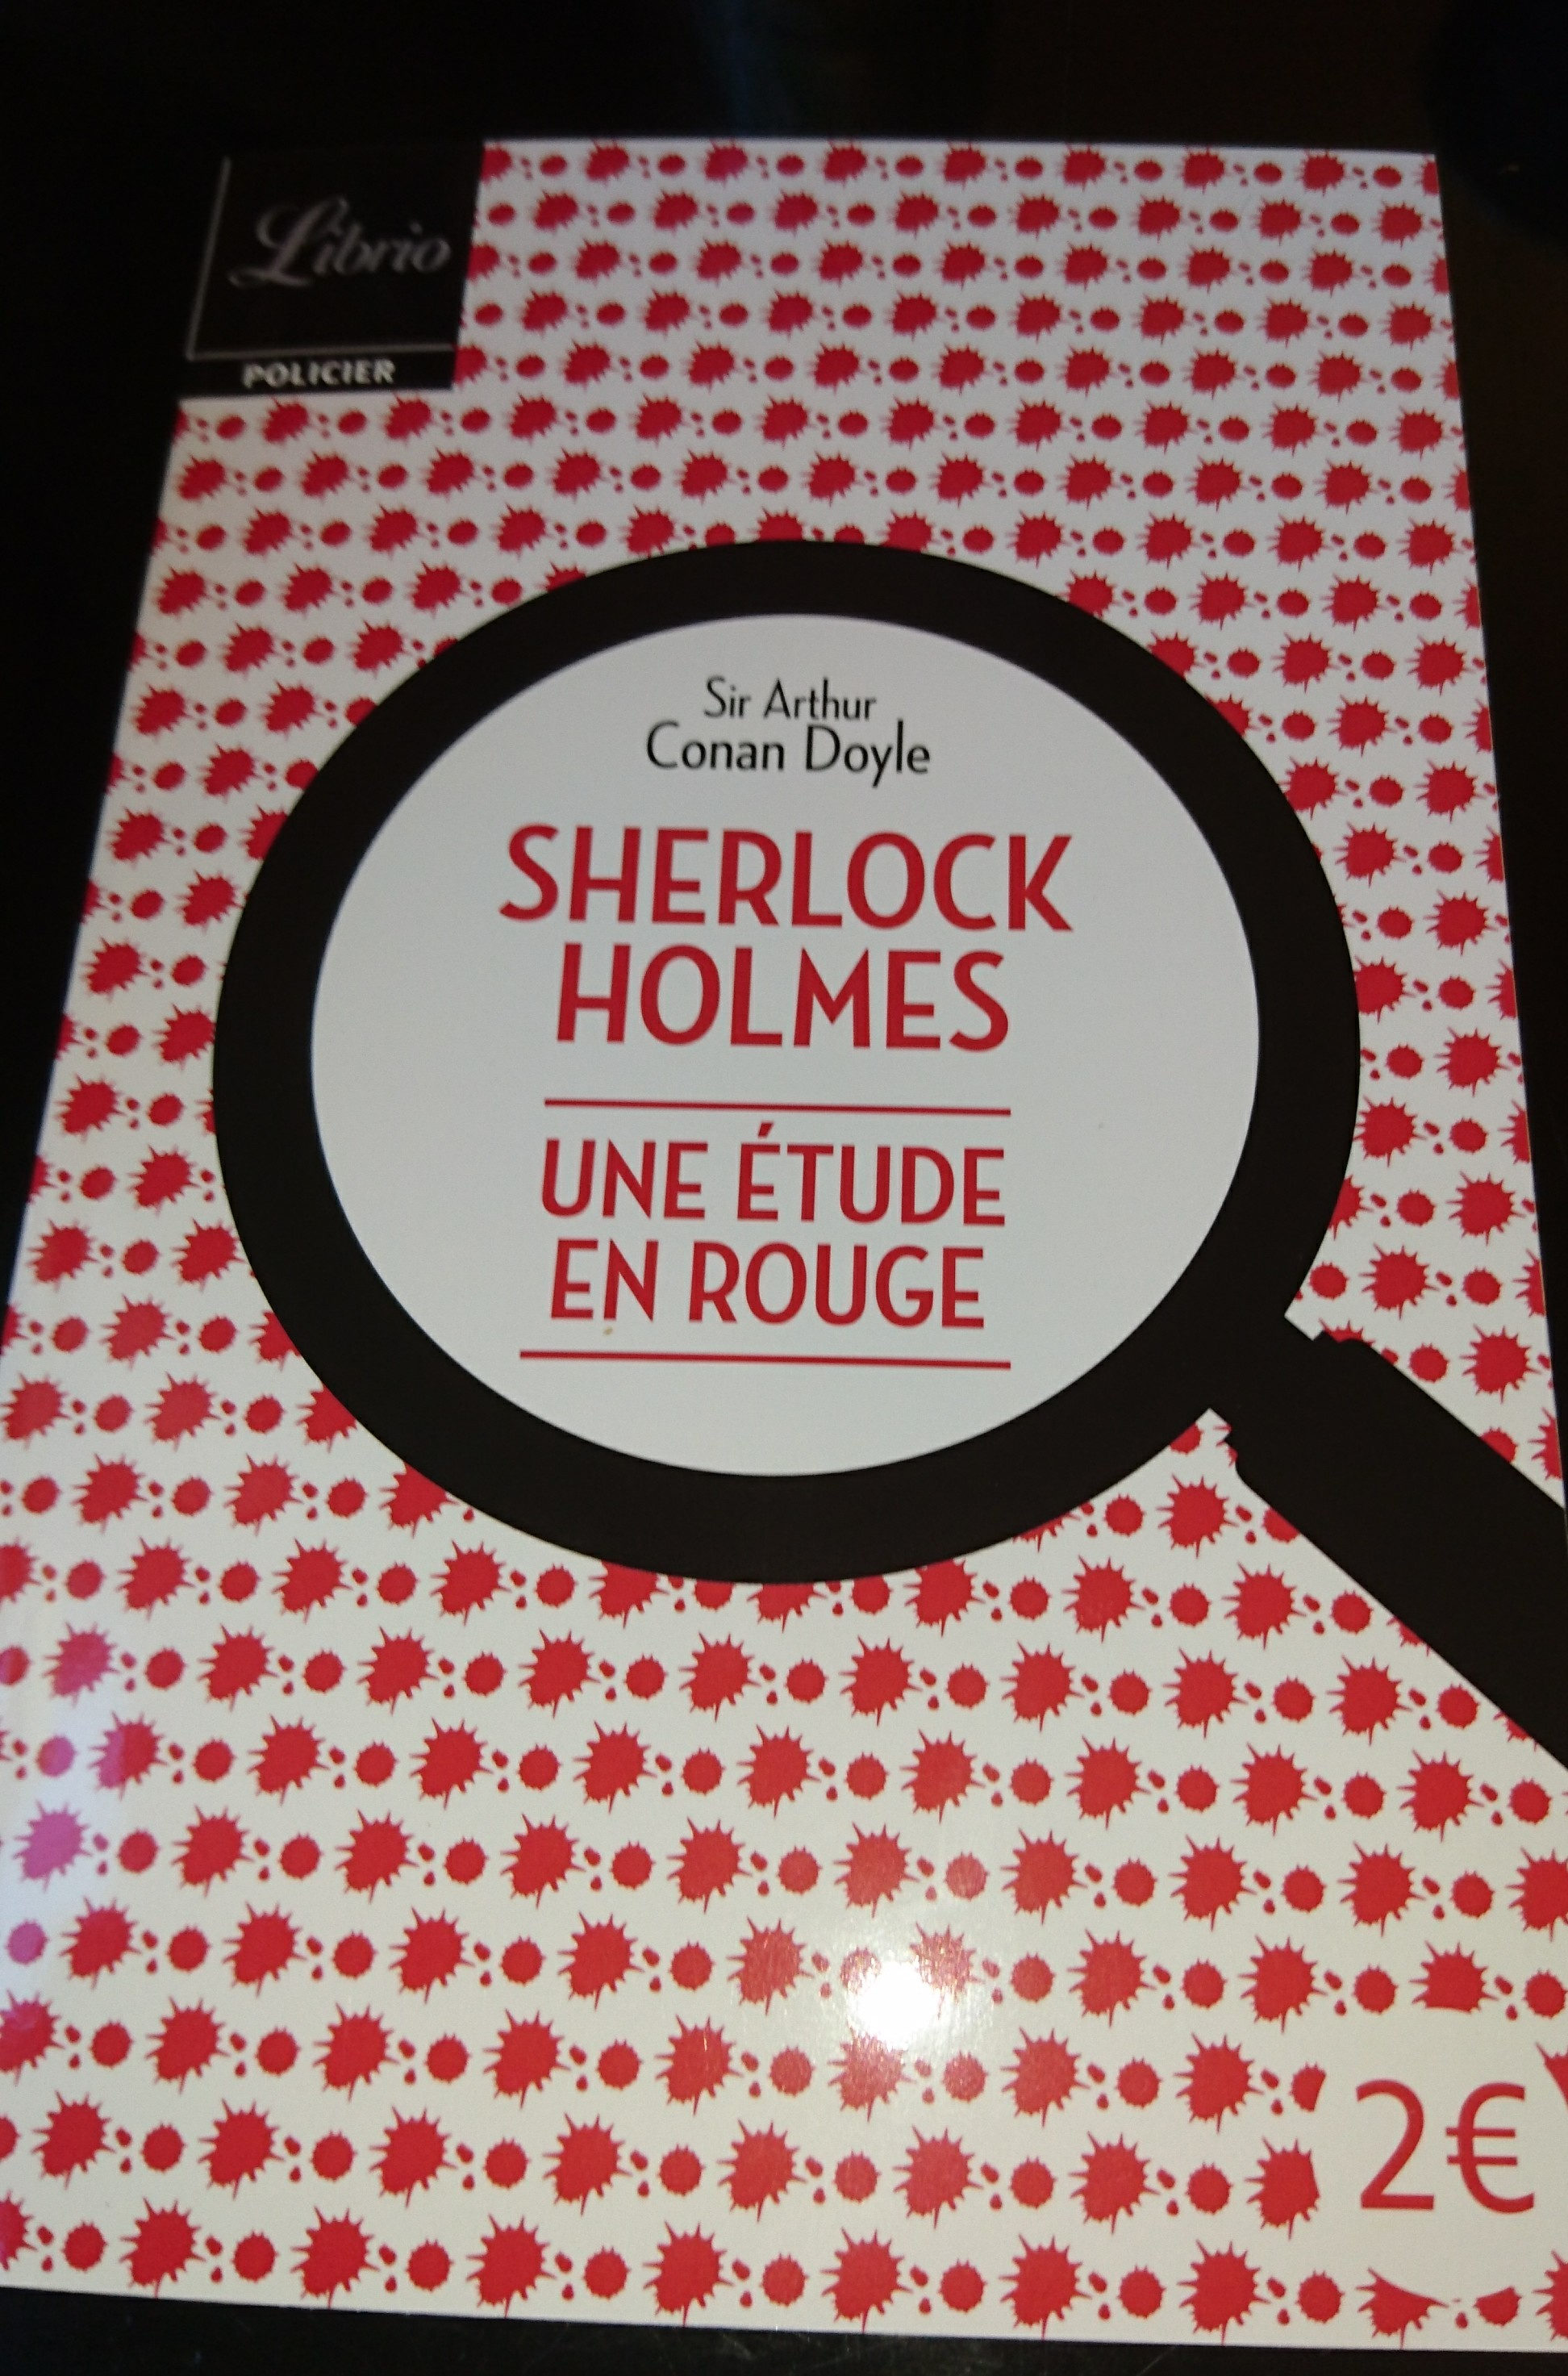 Sherlock Holmes une étude en rouge - Produit